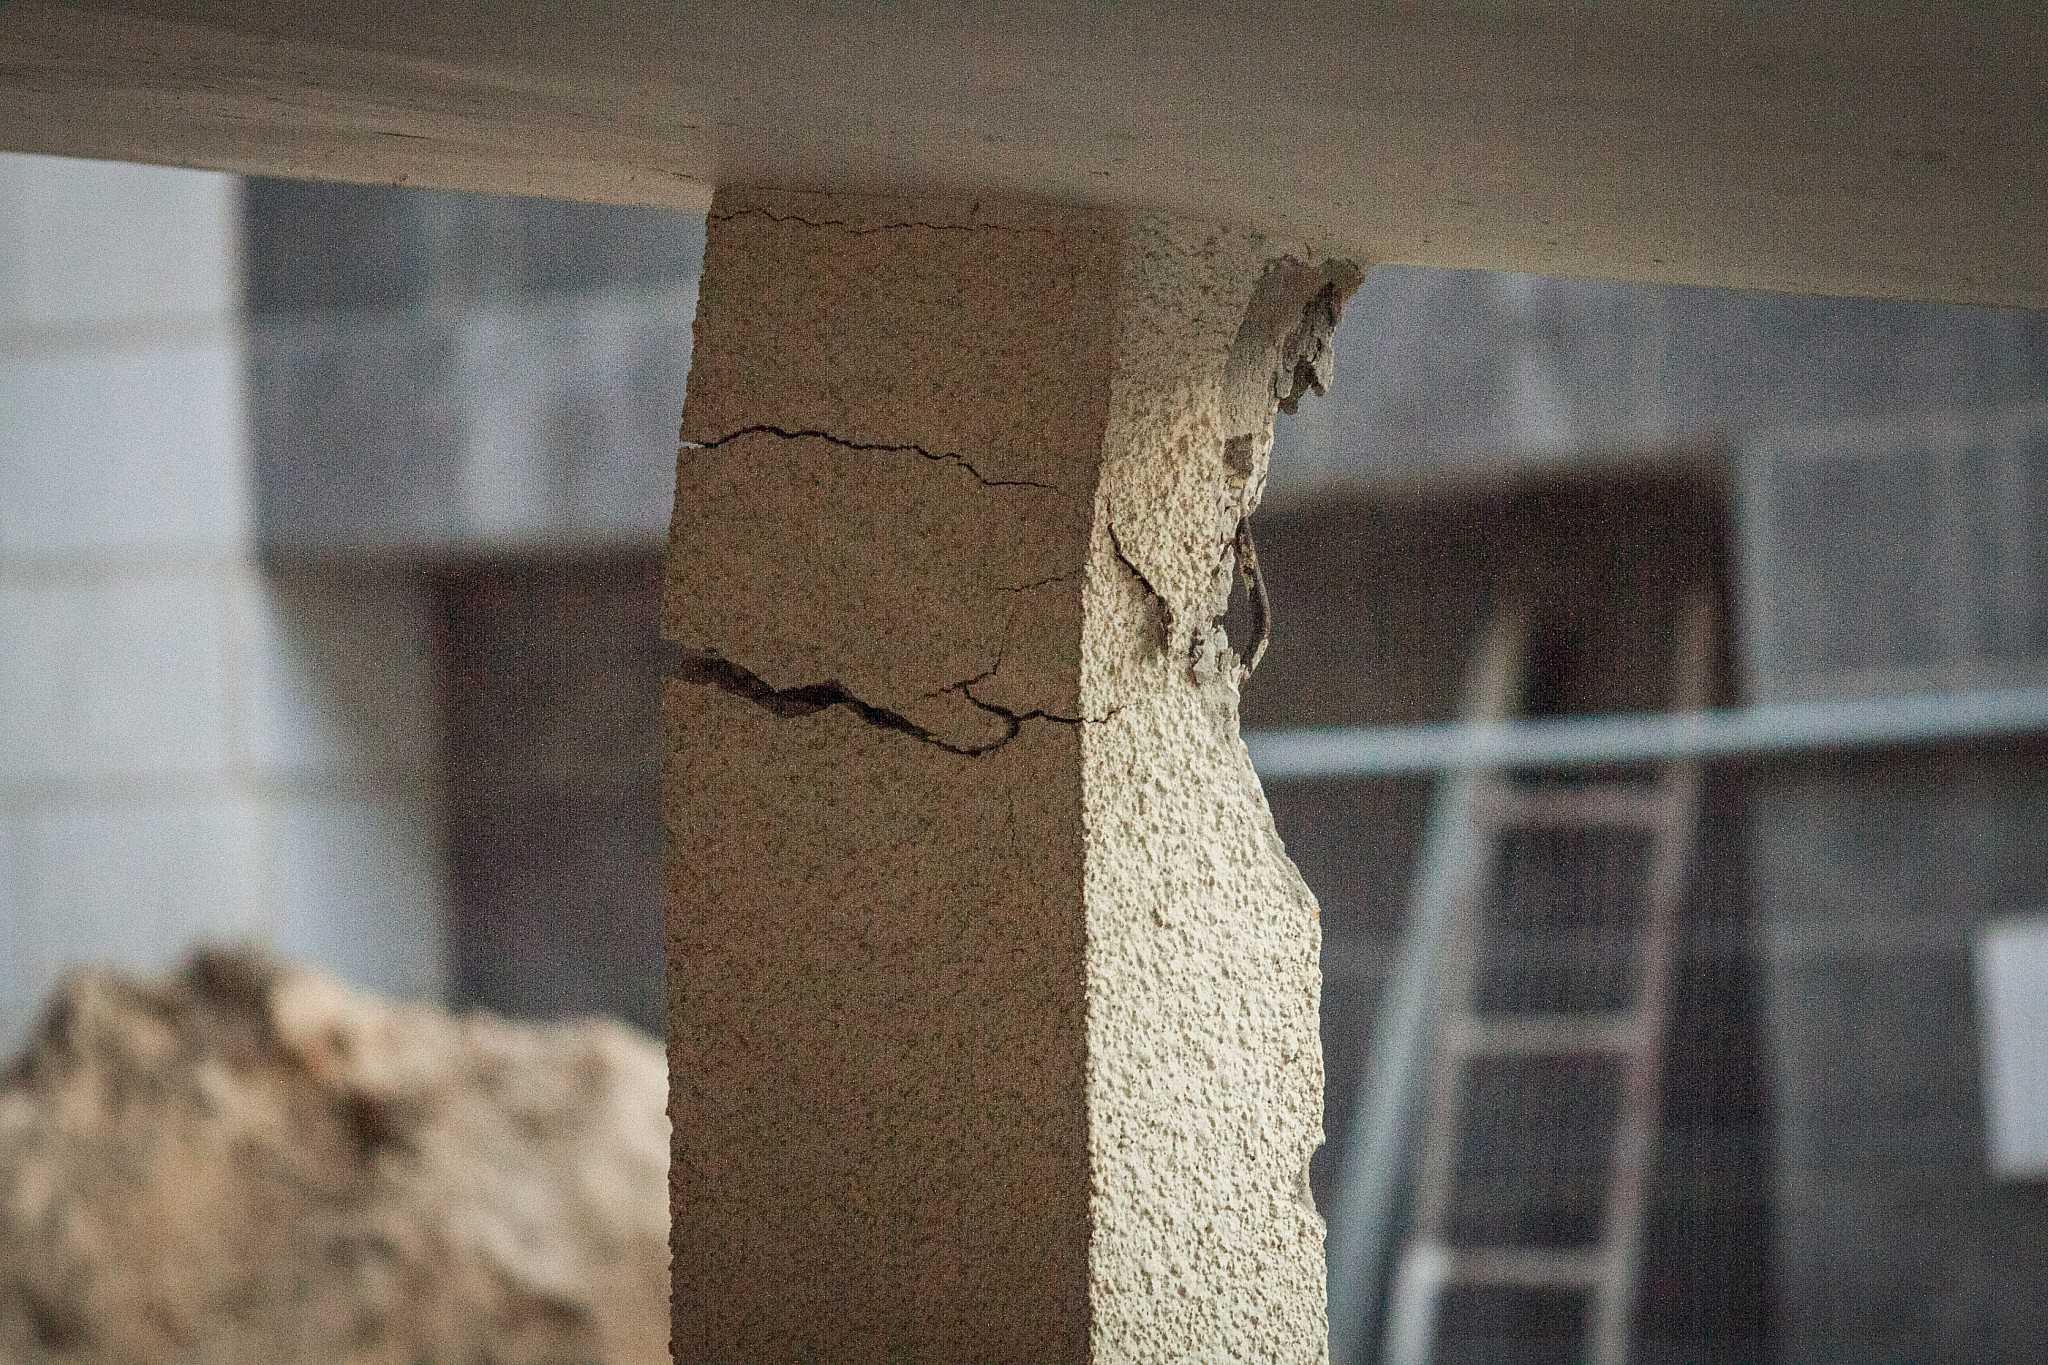 """התמוטטות בדירה שעברה חיזוק במסגרת תמ""""א 38 בקרית ביאליק (צילום: מאיר ועקנין / פלאש 90)"""